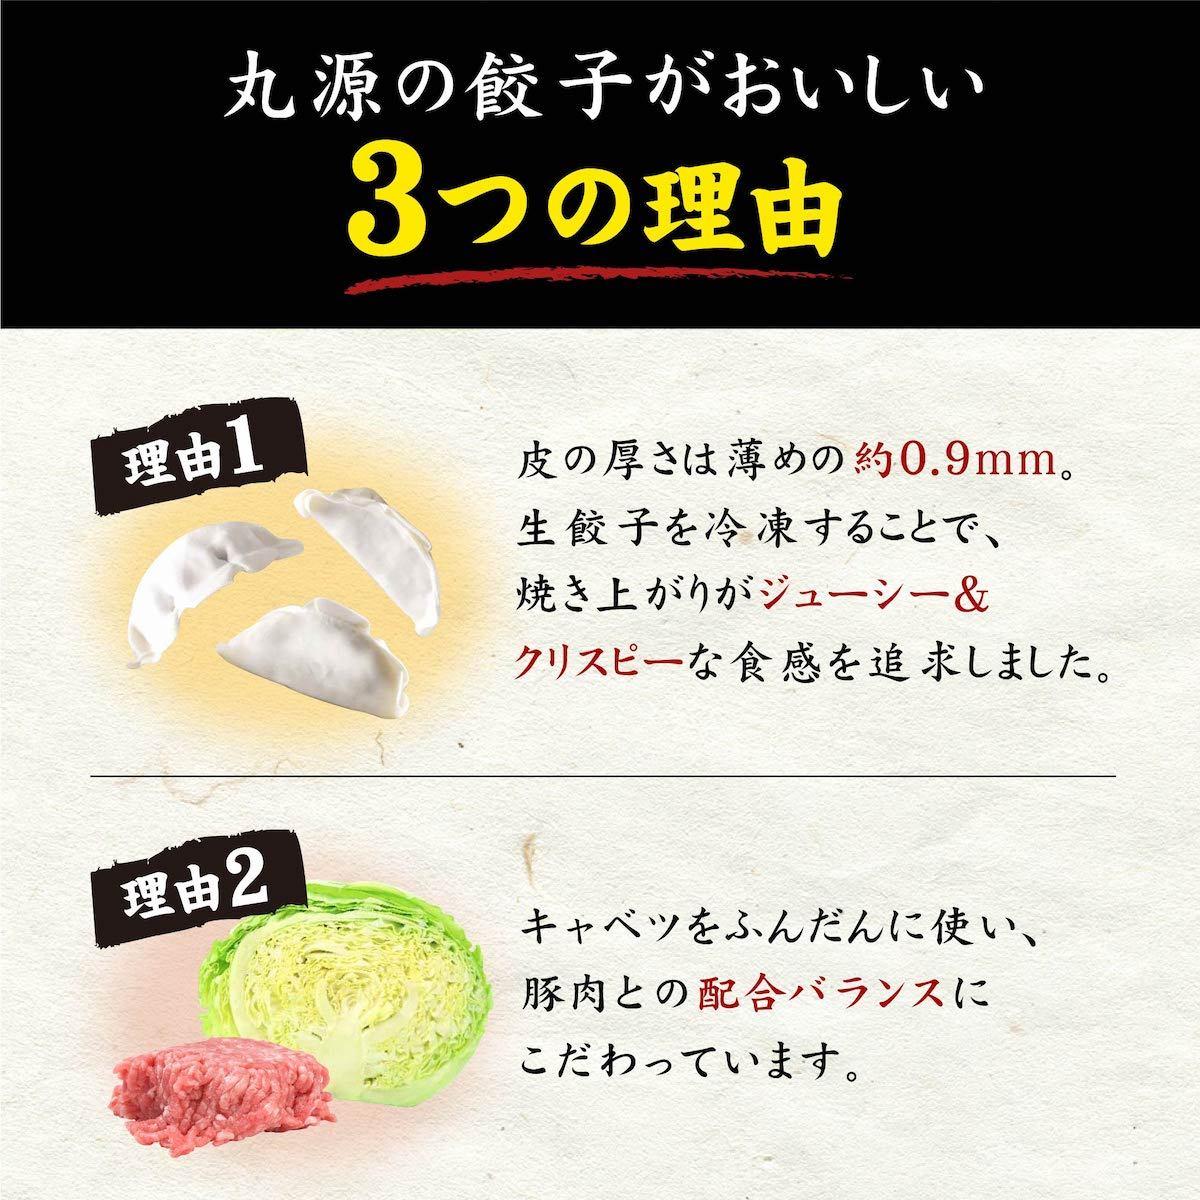 丸源餃子が美味しい3つの理由_01